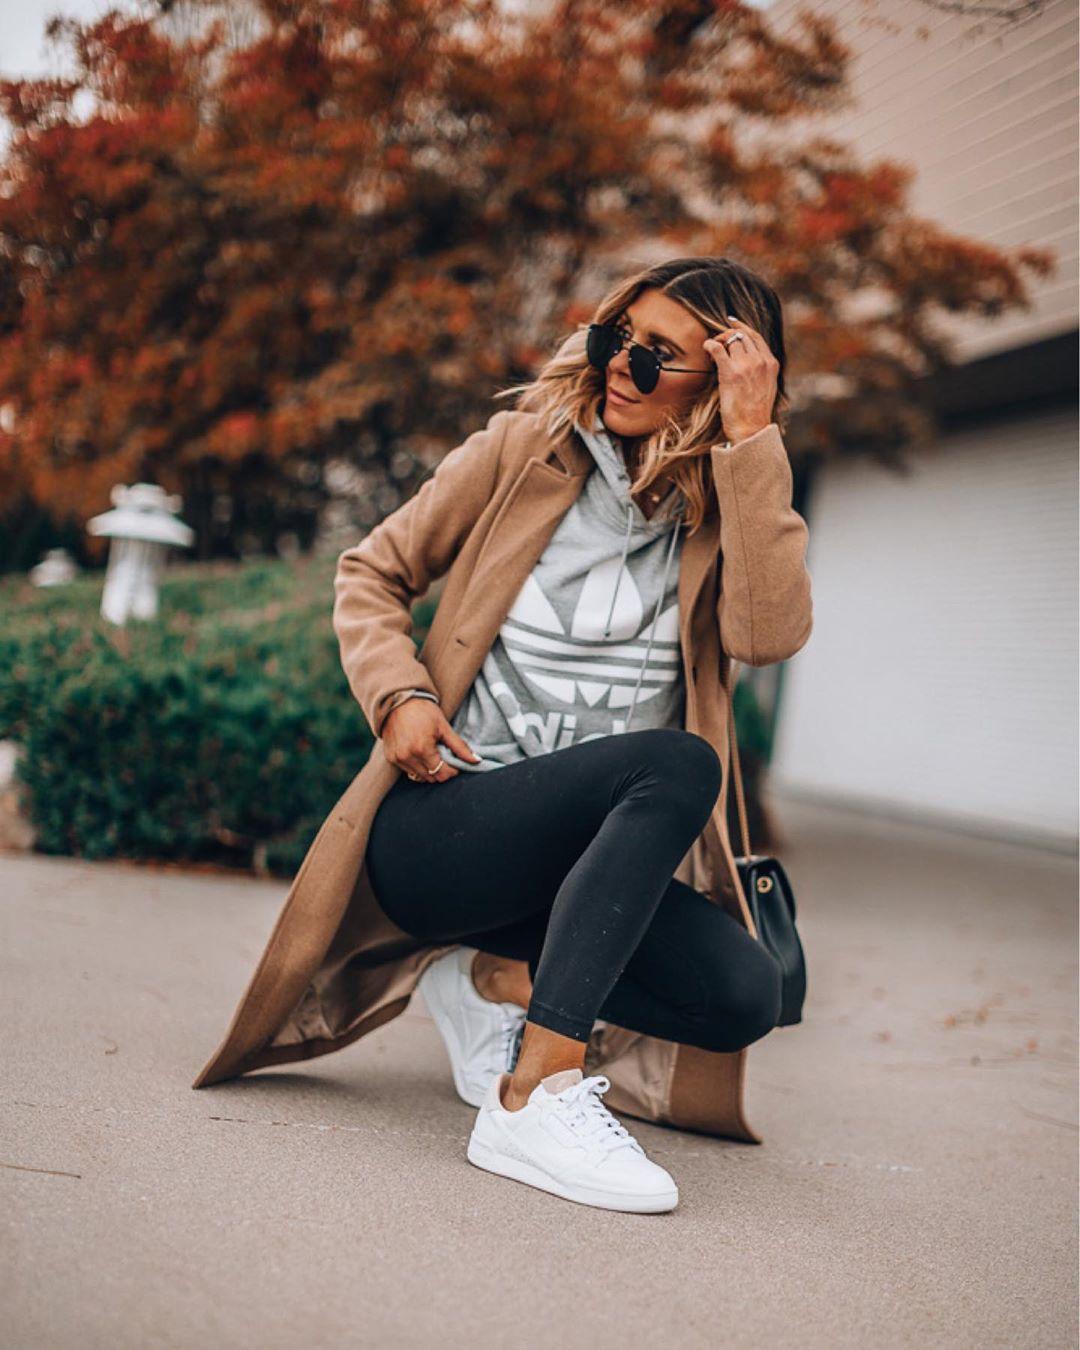 sweater hoodie black leggings white sneakers adidas coat black bag